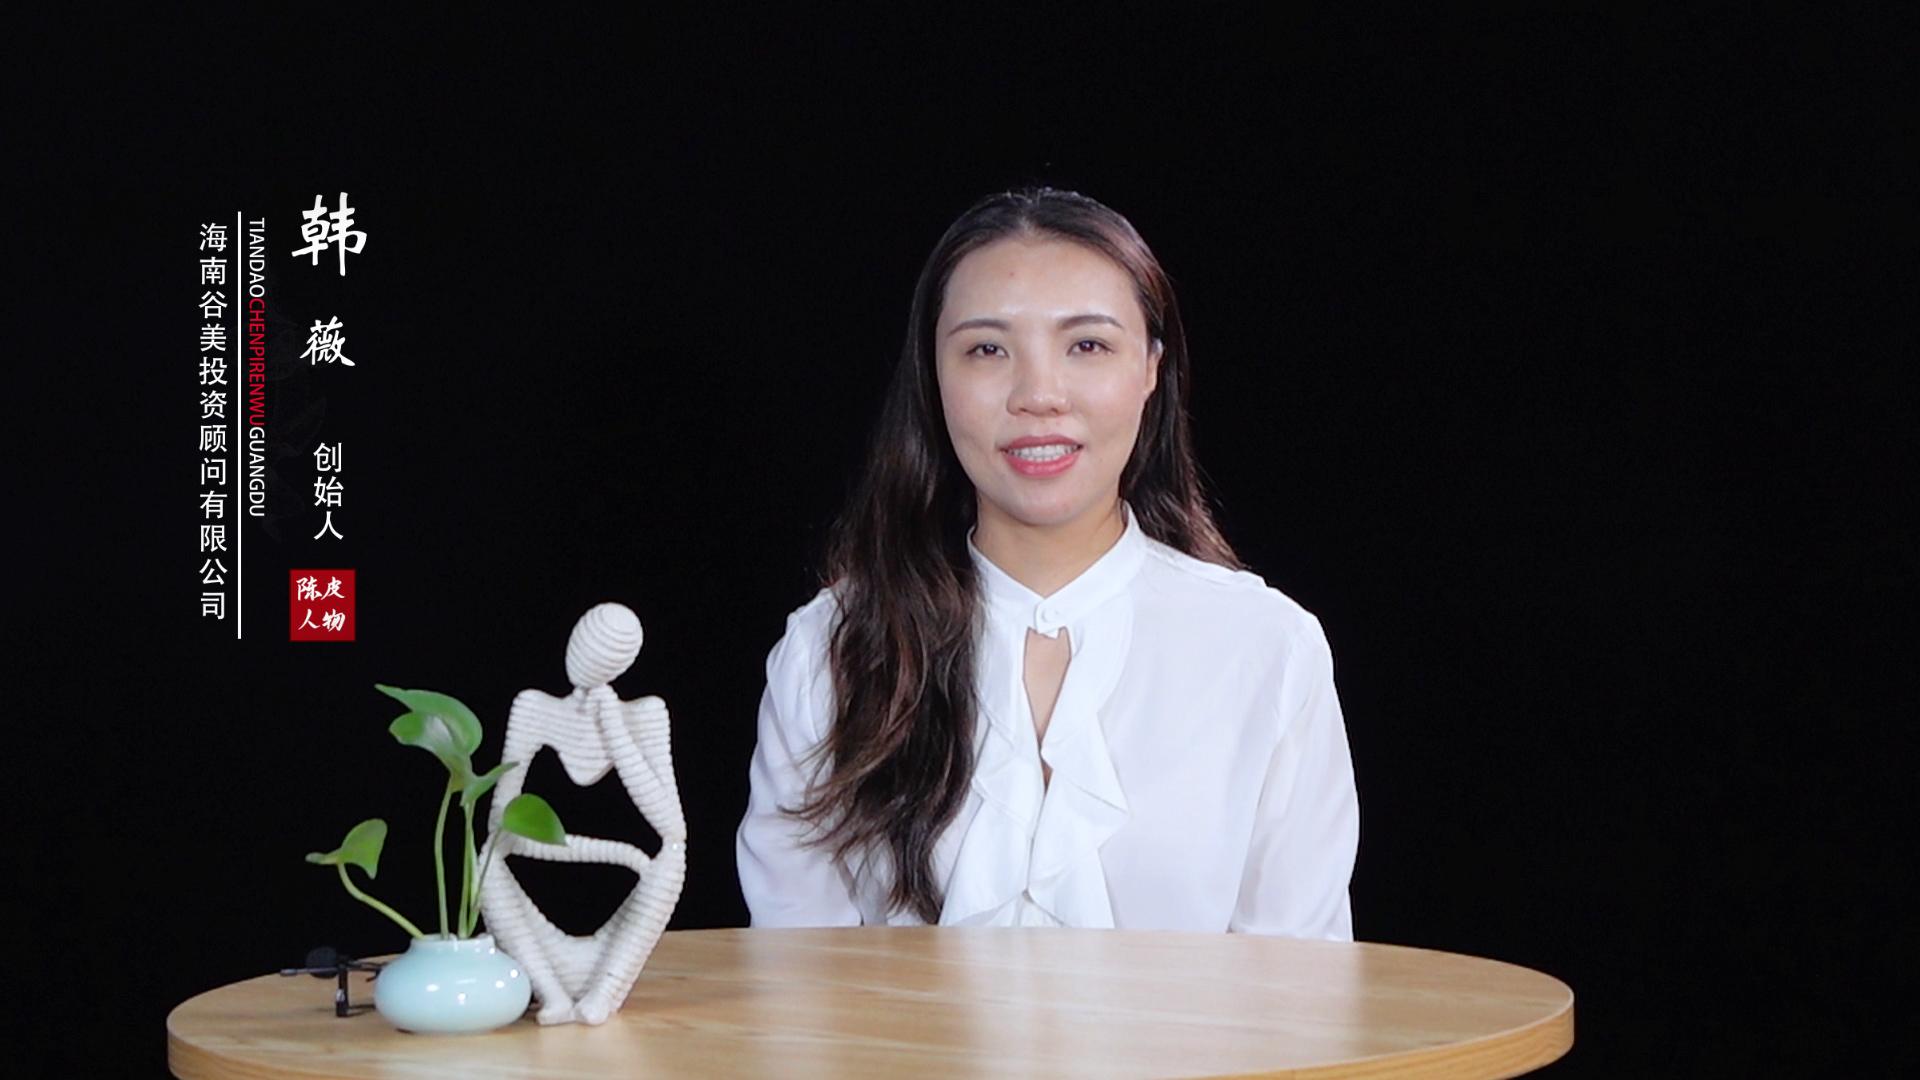 陈皮人物|韩薇:不让广告成为无根之水